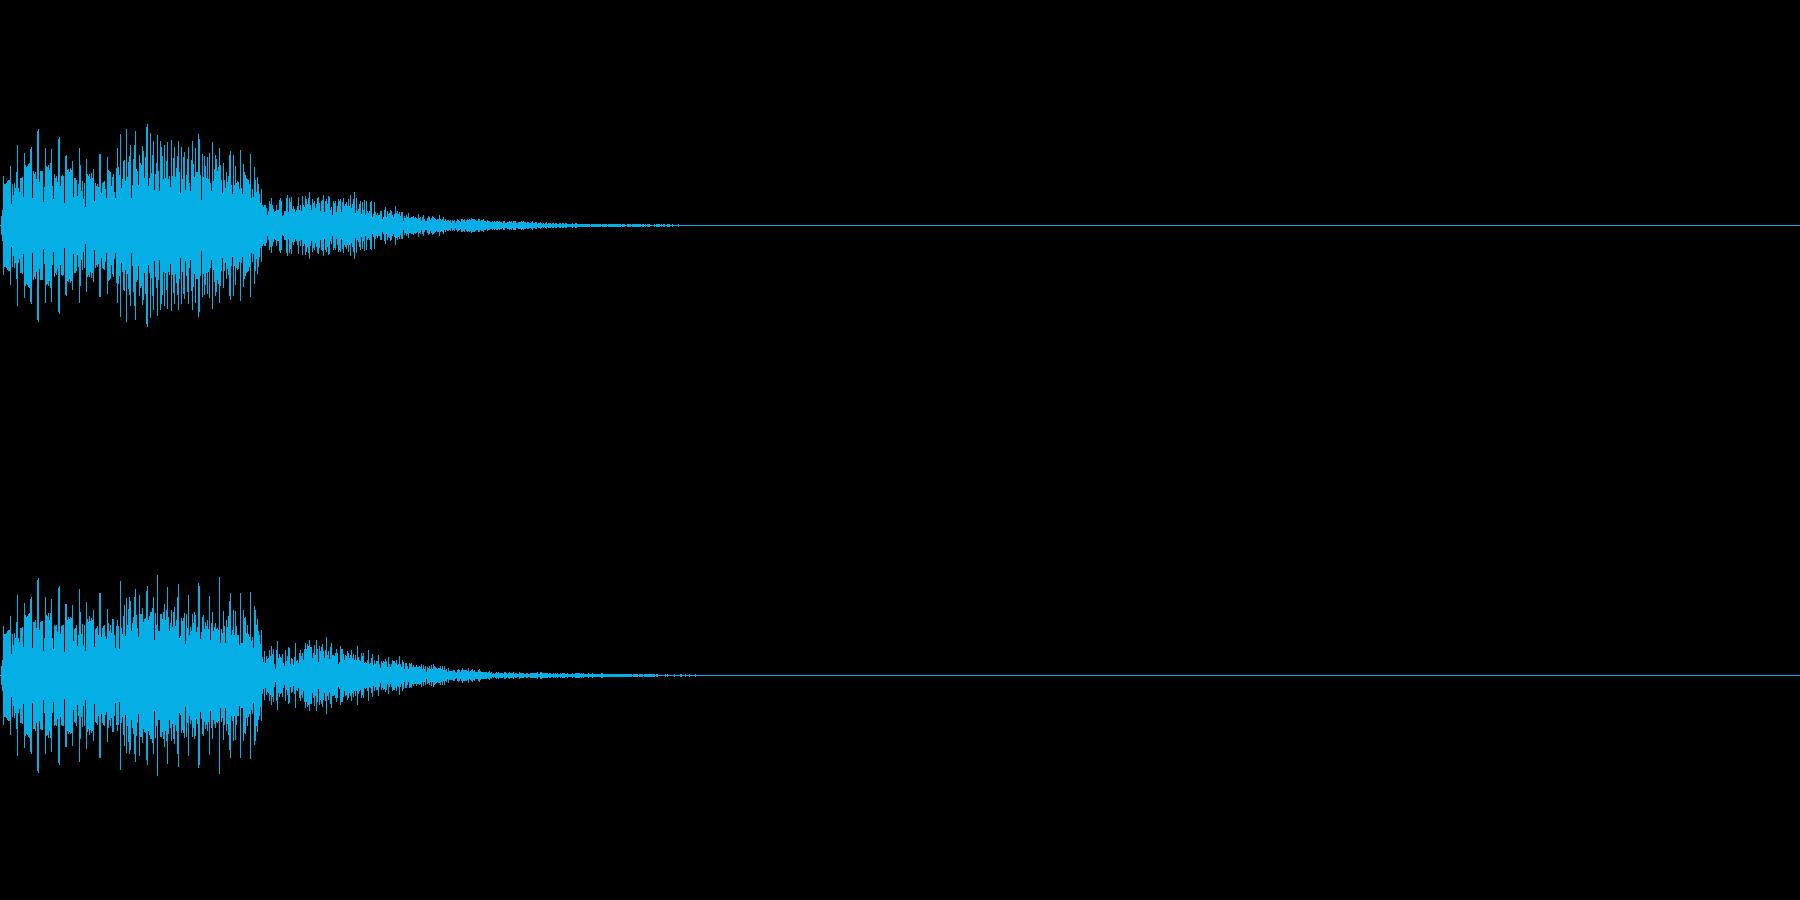 ピコッ(ゲーム・アプリ等のセレクト音) の再生済みの波形